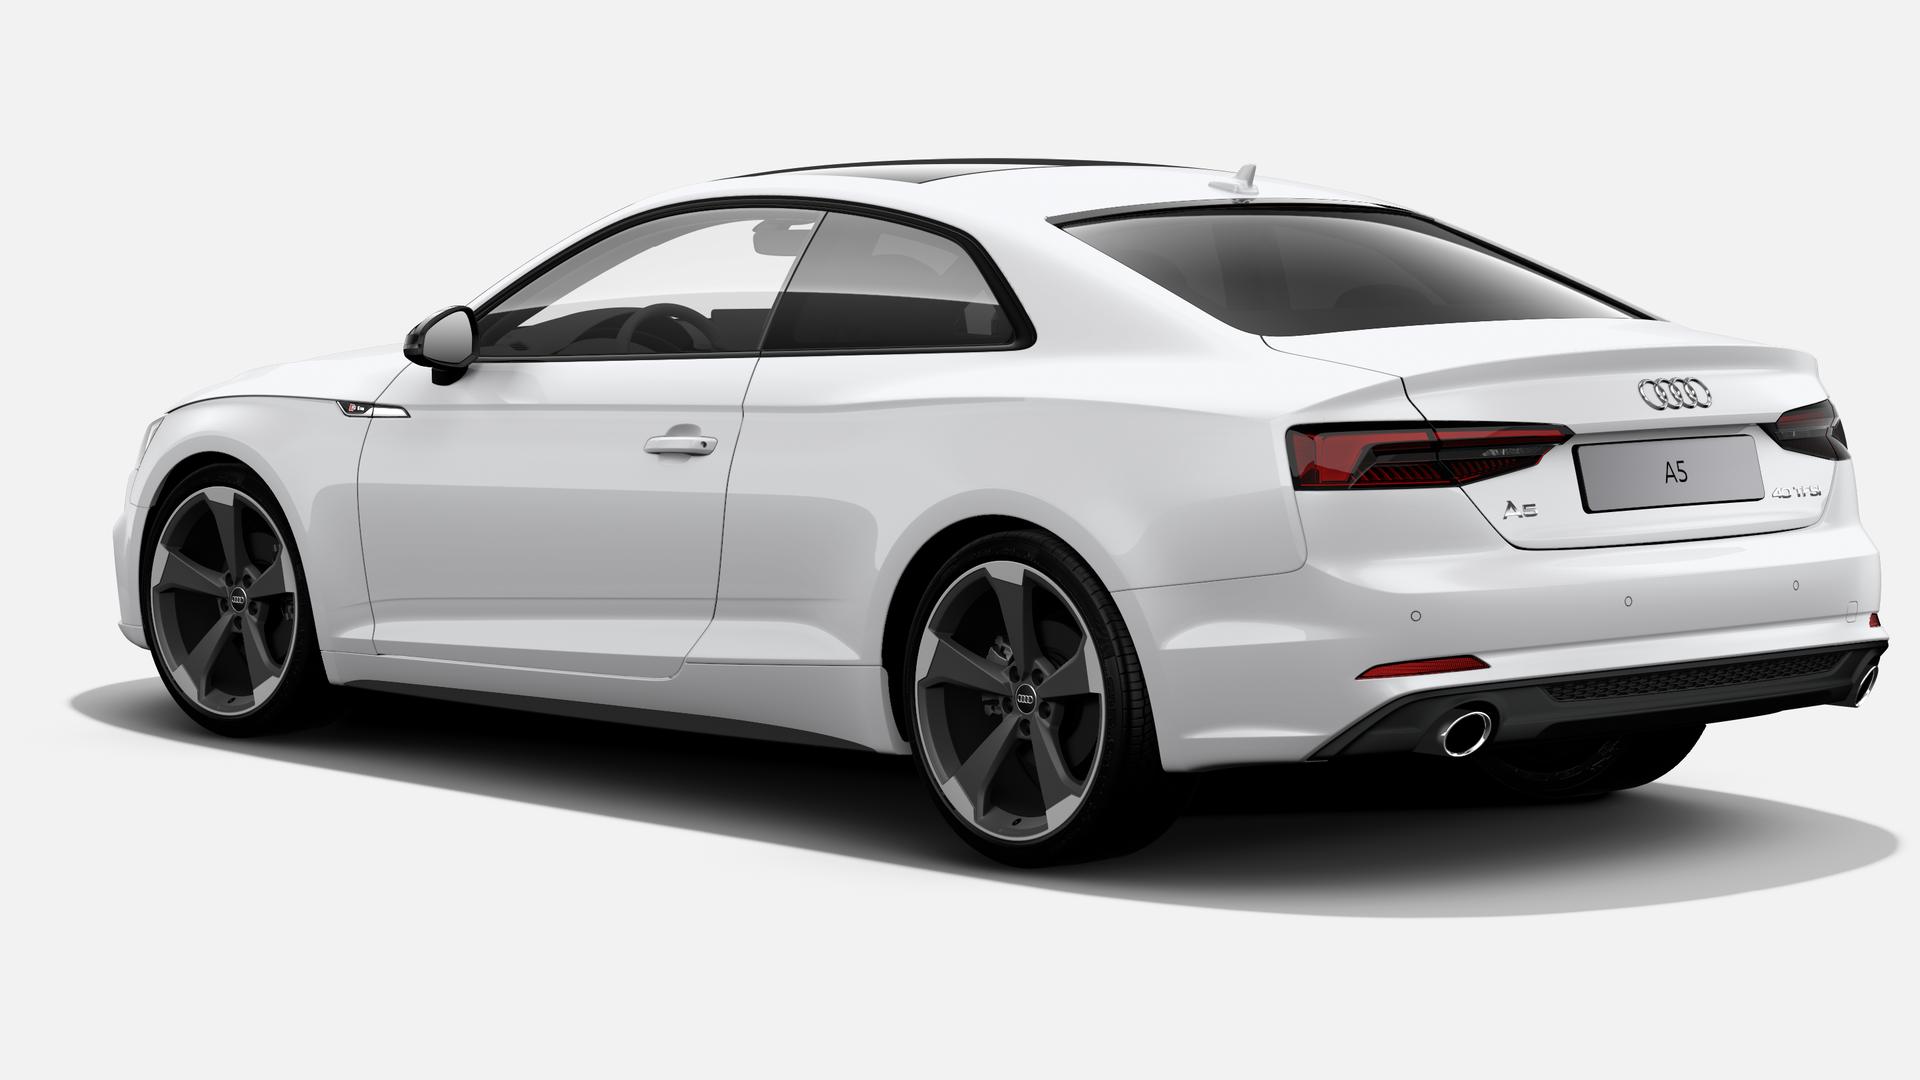 Vista Tres cuartos trasera izquierda de Audi A5 Coupe 40 TFSI S line S tronic 140 kW (190 CV)